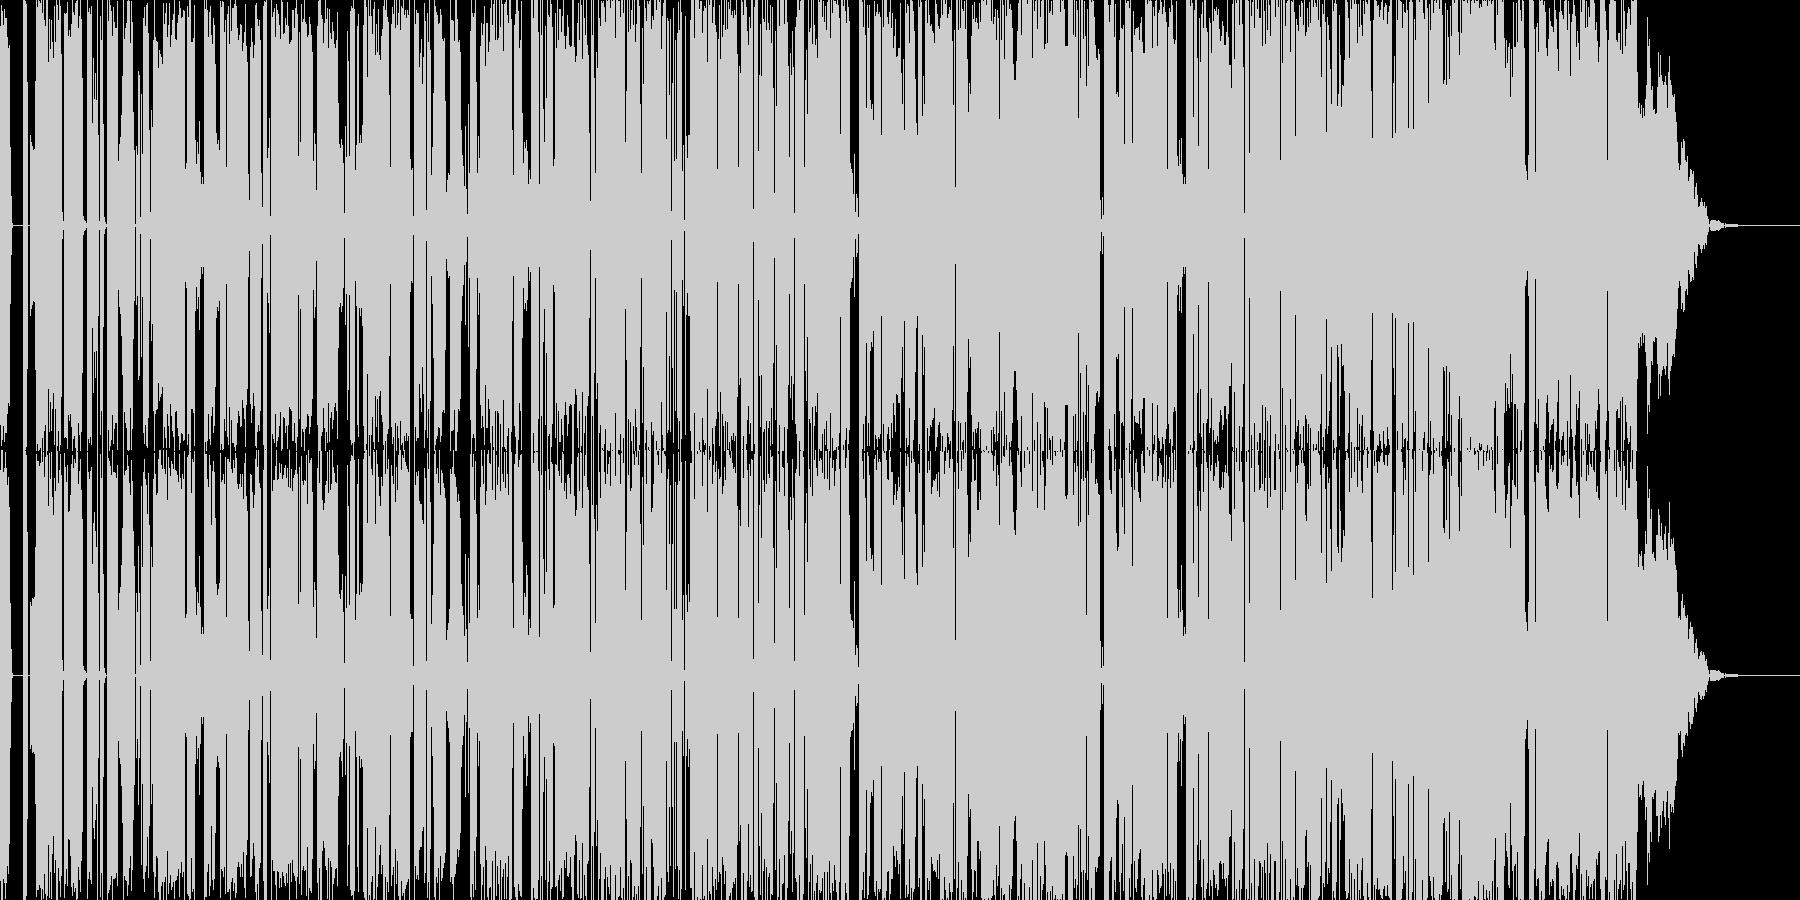 ユニークなBGMに仕上げました。の未再生の波形